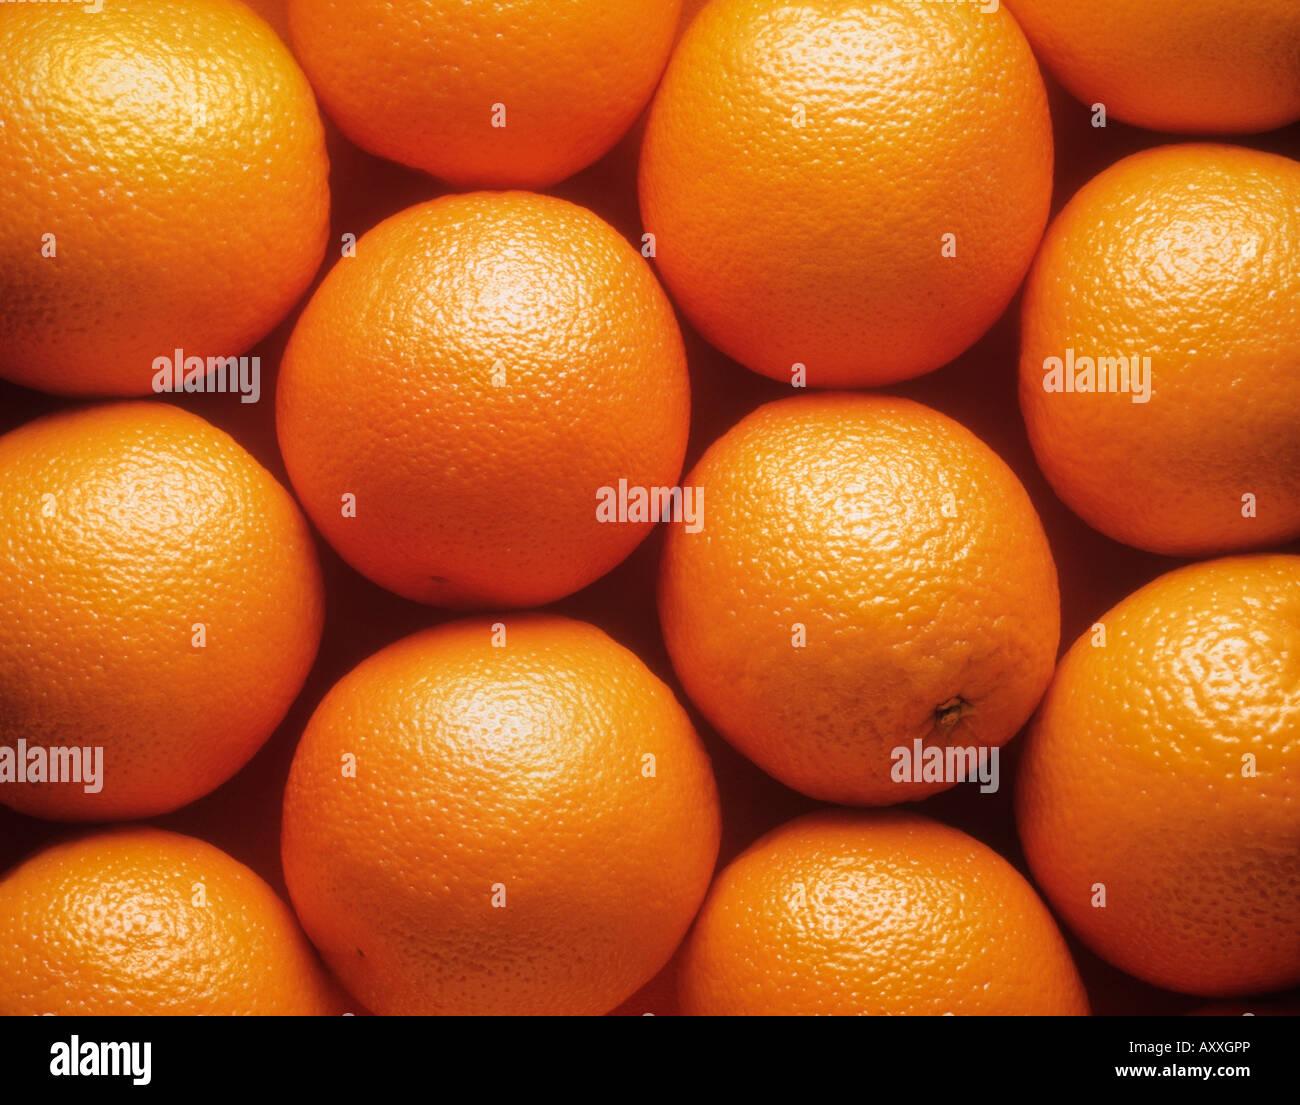 Arancione, Citrus sinensis, arancio, agrumi, sinensis Immagini Stock